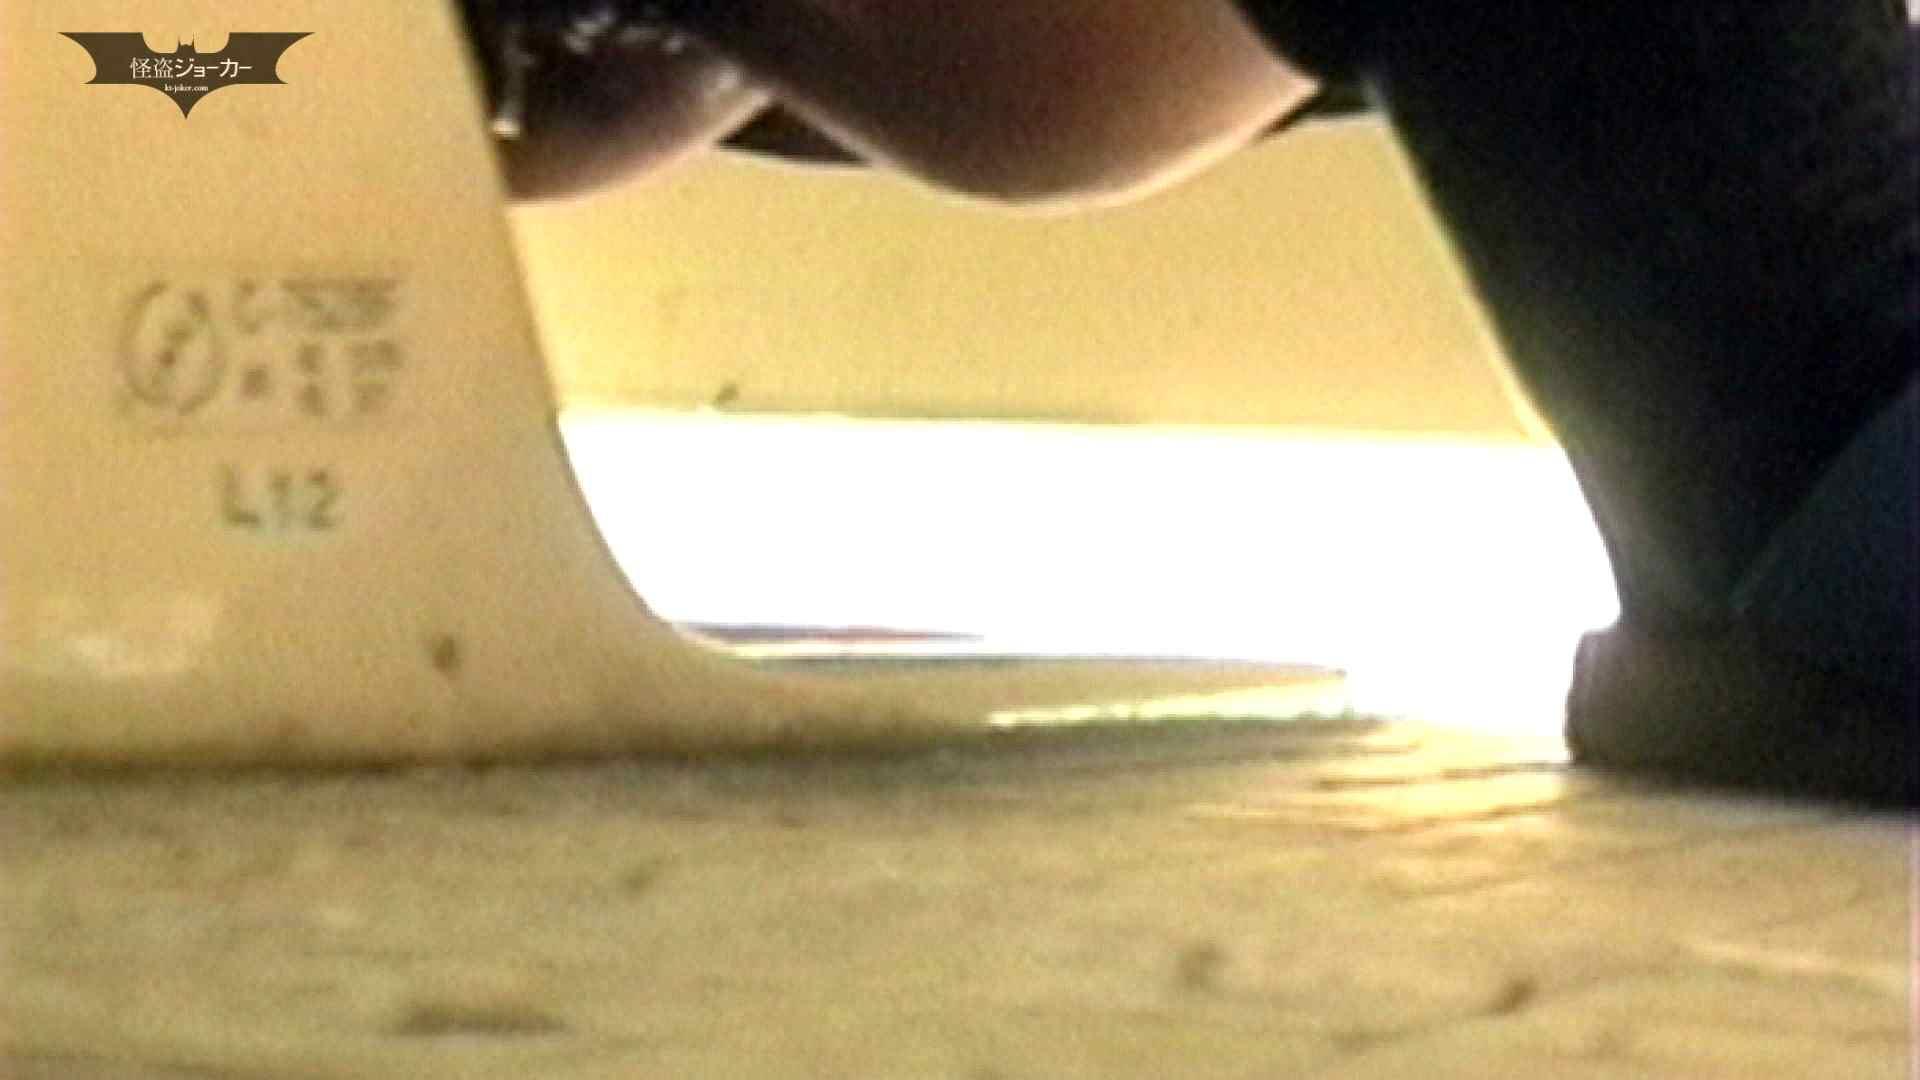 女の子の休み時間のひととき Vol.02 OLのボディ オメコ動画キャプチャ 73PIX 38